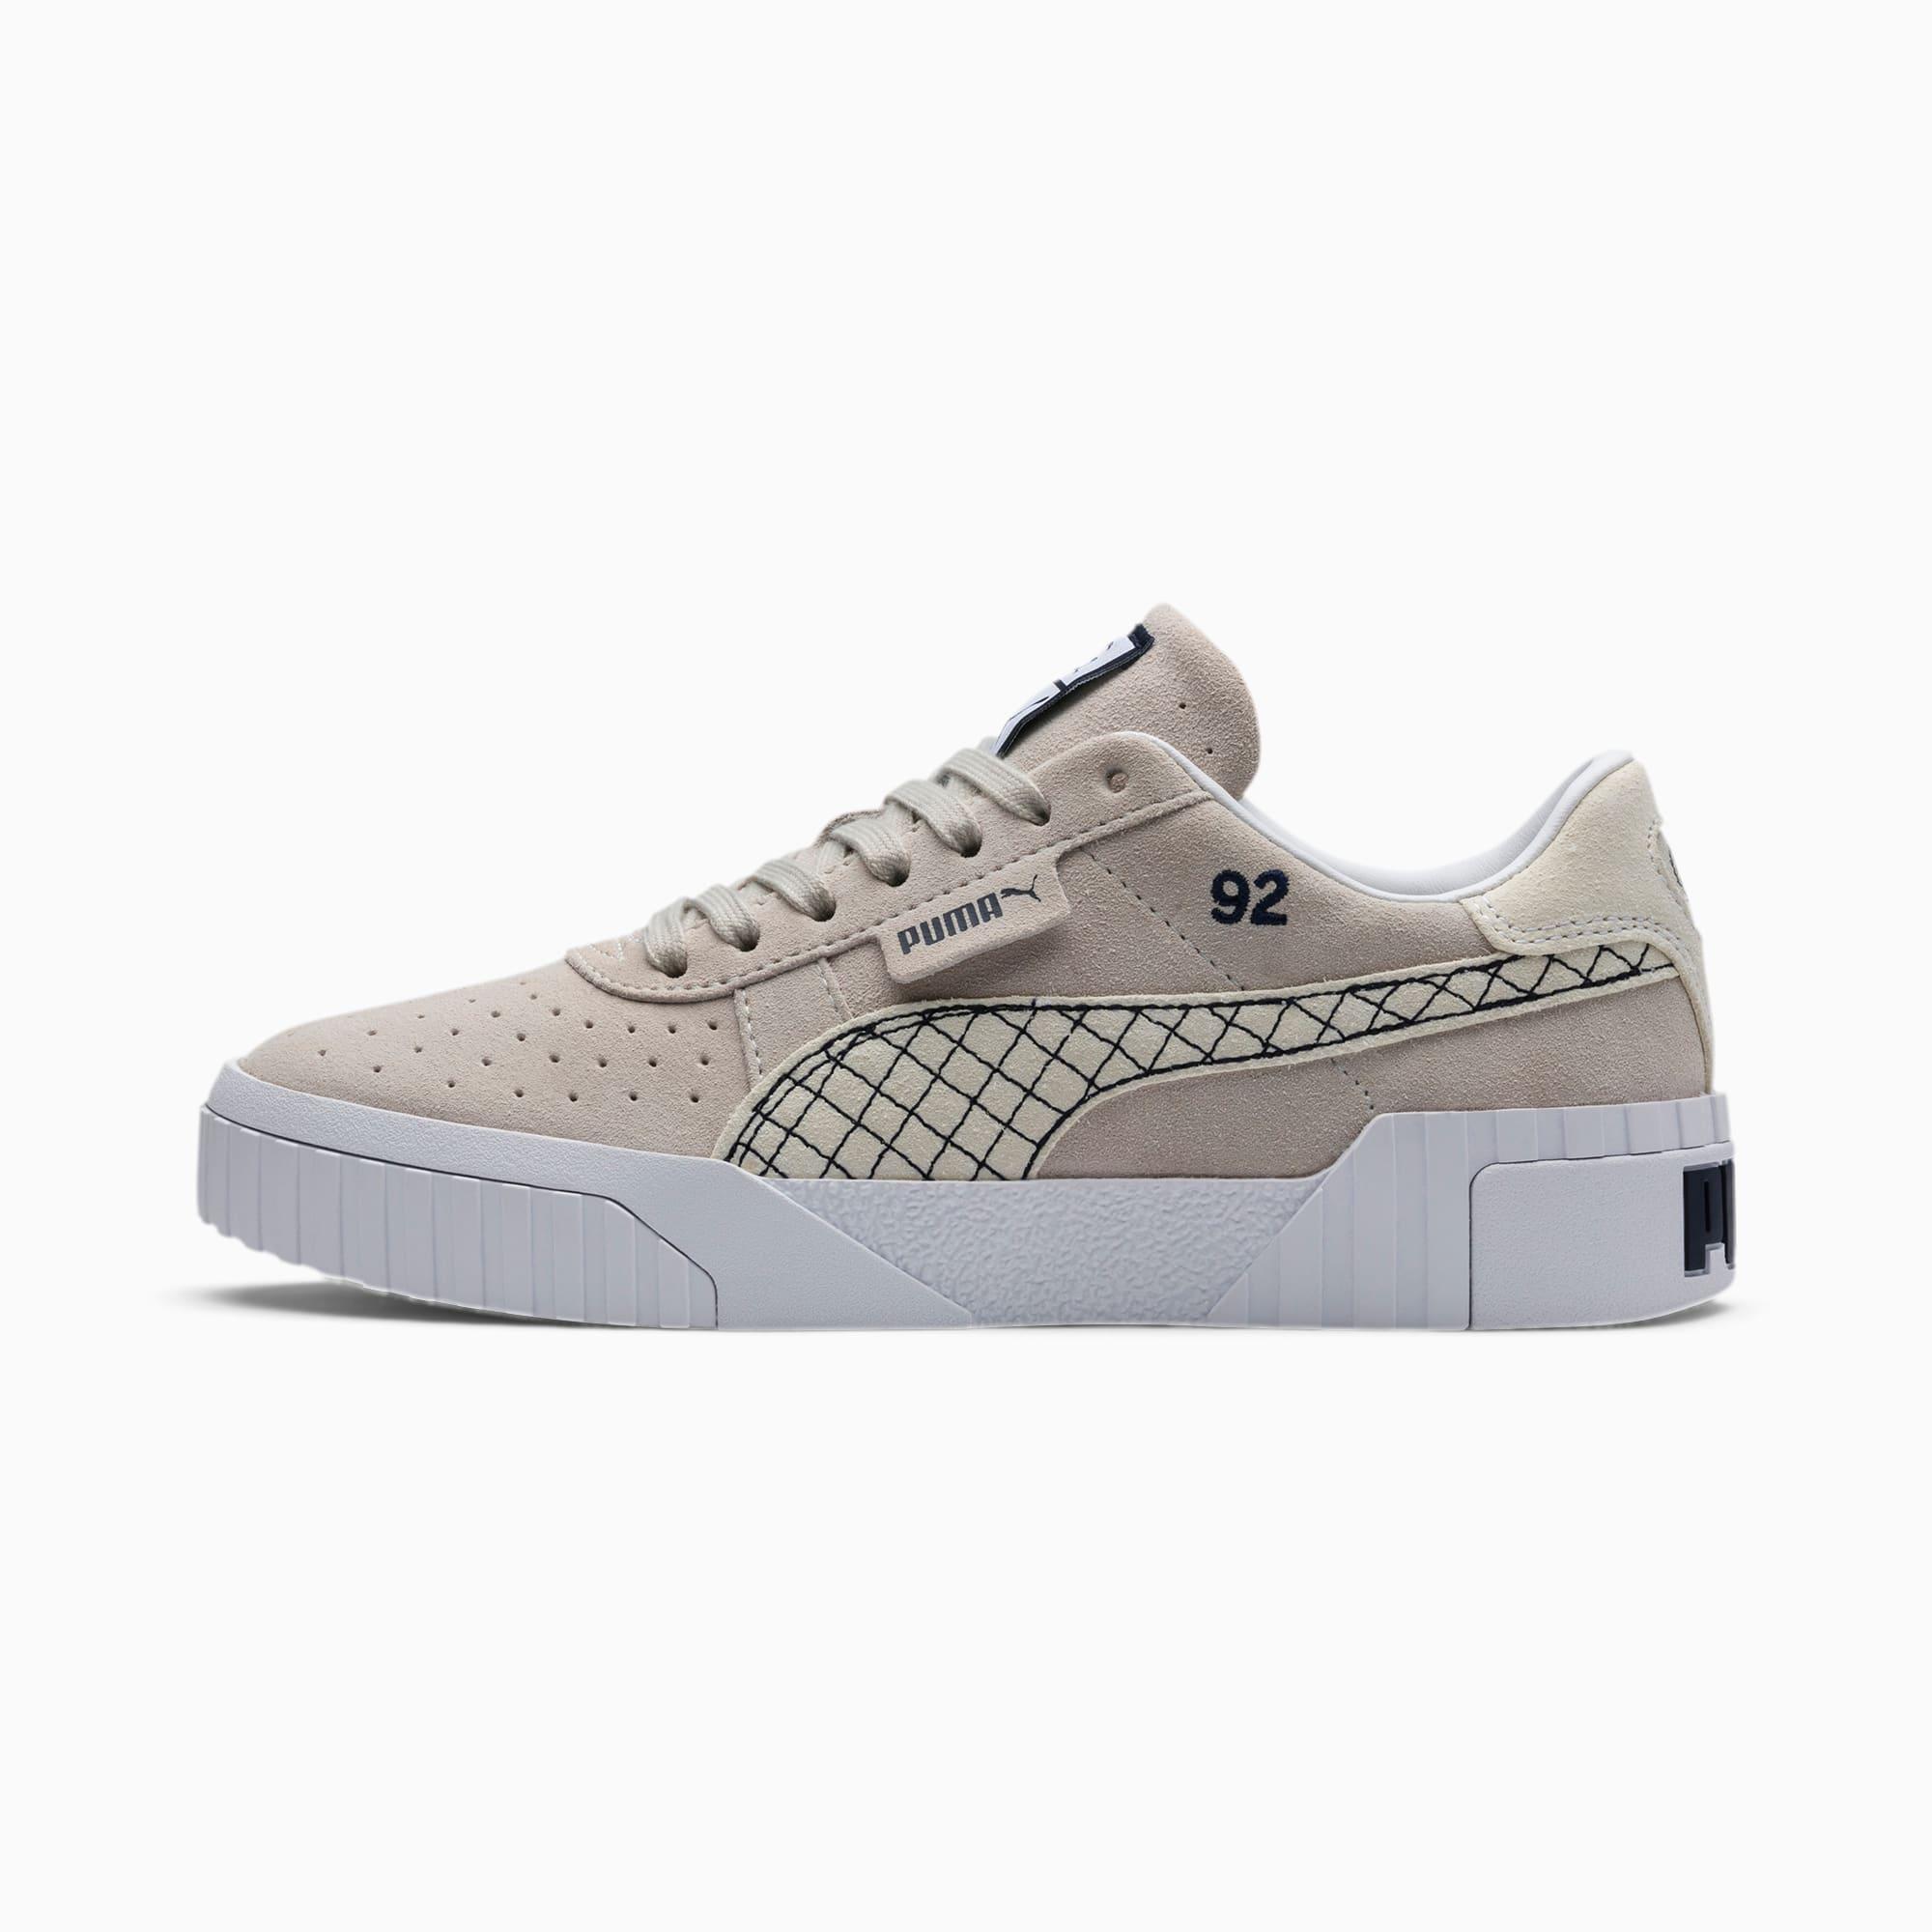 PUMA Chaussure Basket PUMA x SELENA GOMEZ Cali Suede Quilt pour Femme, Argent/Gris/Blanc, Taille 35.5, Chaussures